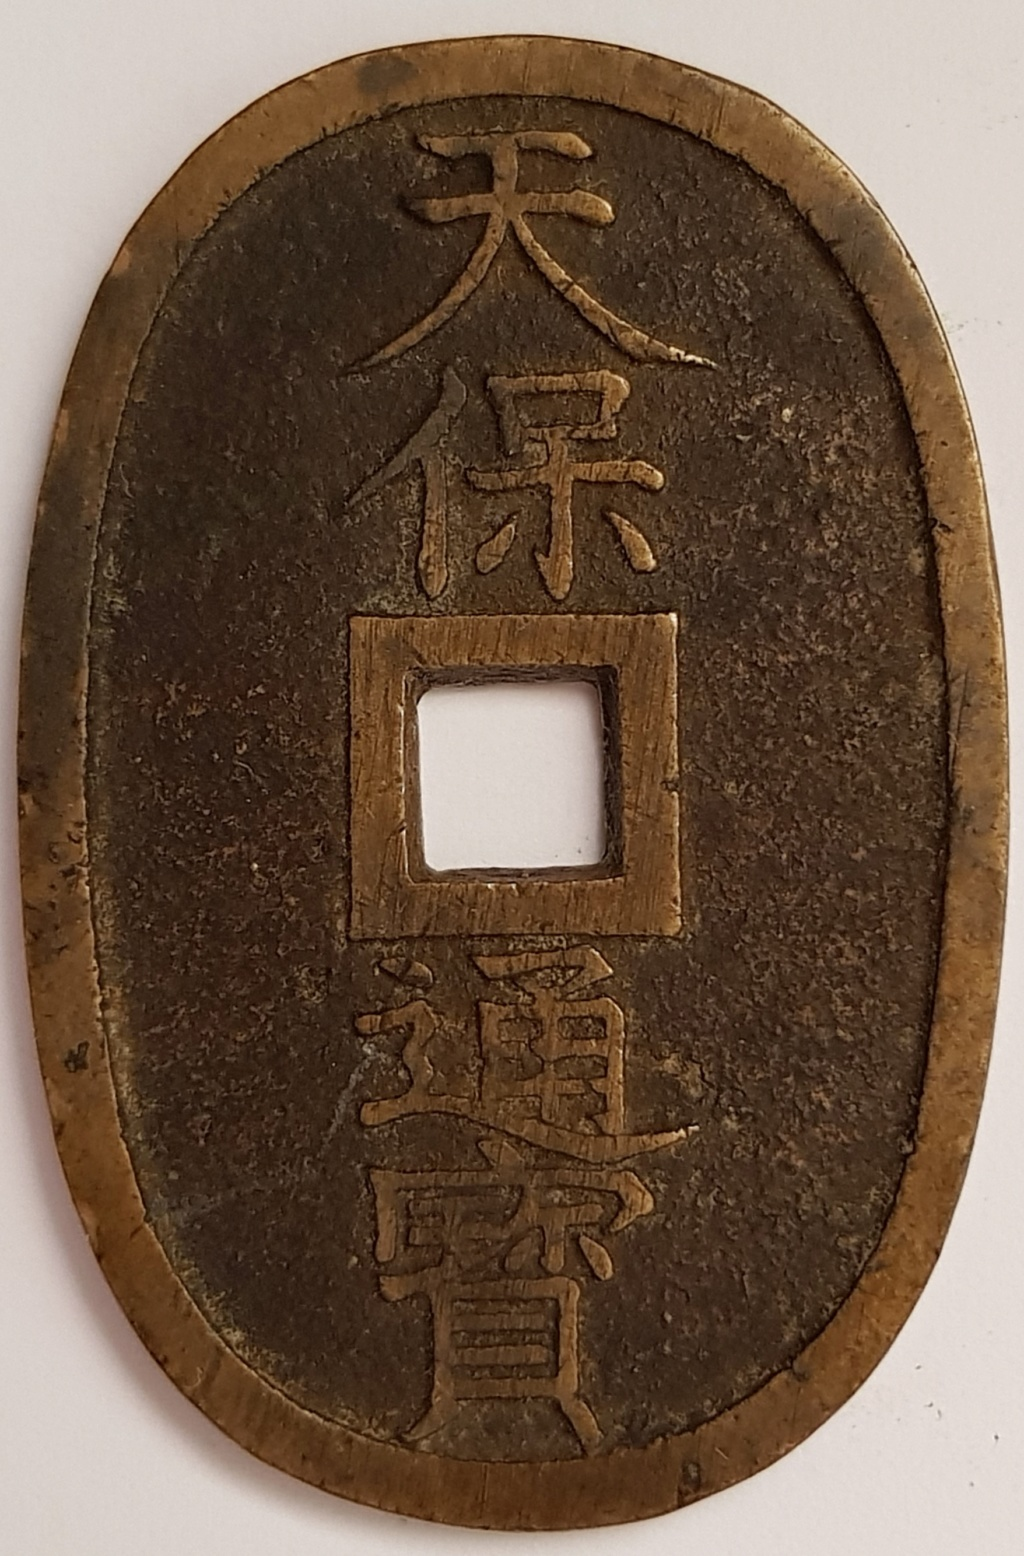 Cápsulas Quadrum Intercept para monedas de cobre y ovaladas 100mon10